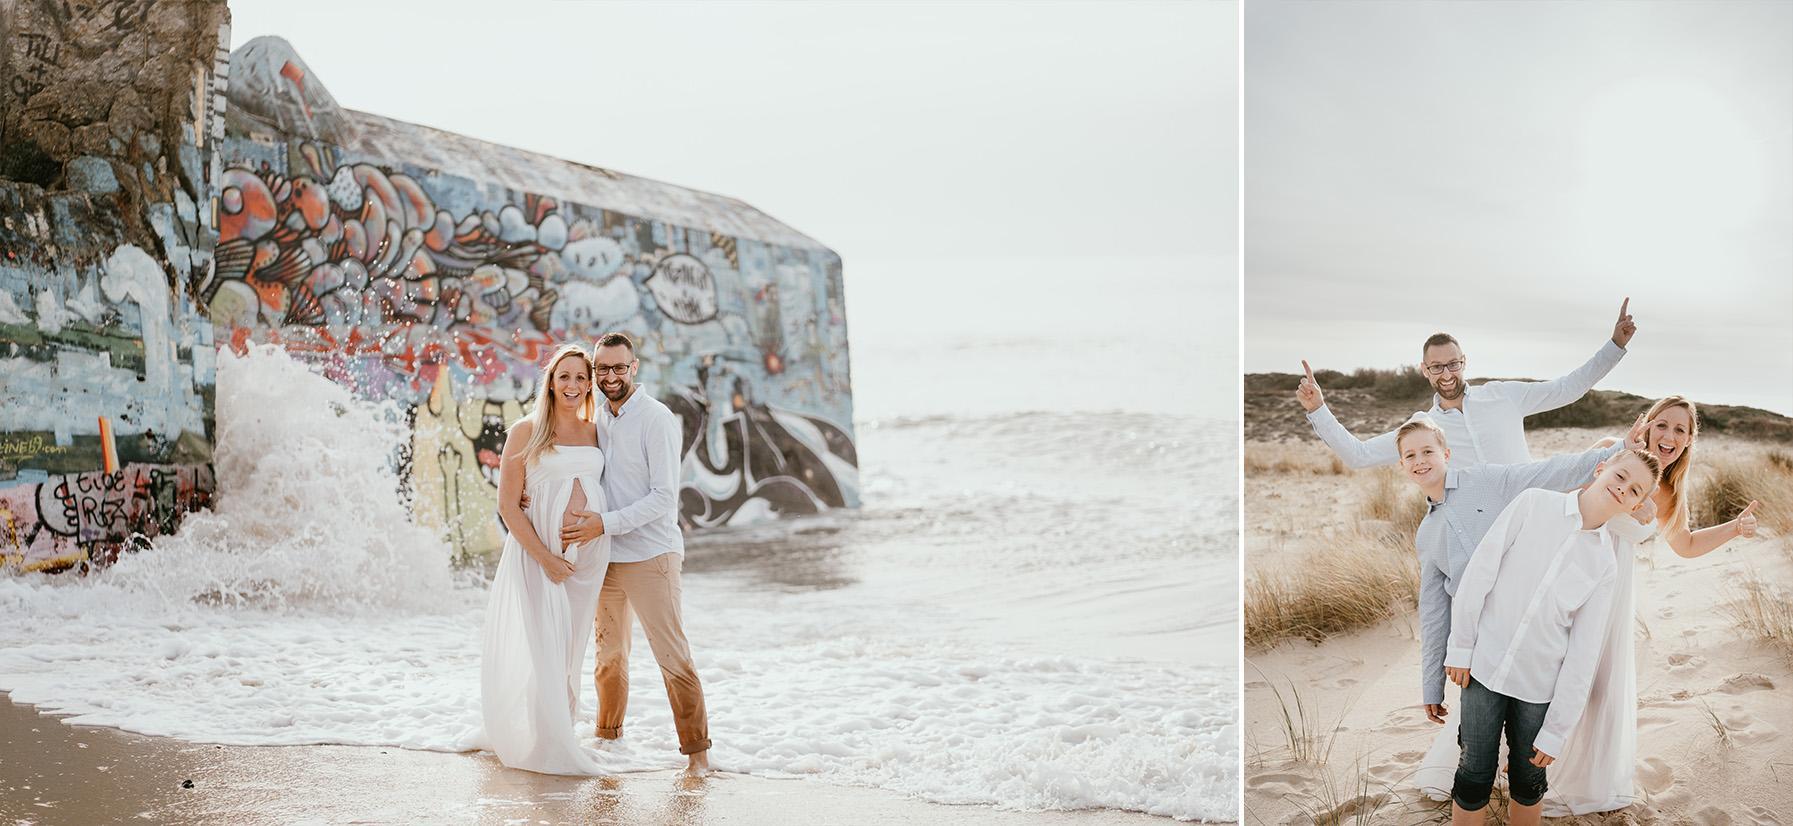 Photographe grossesse landes plage famille capbreton 5